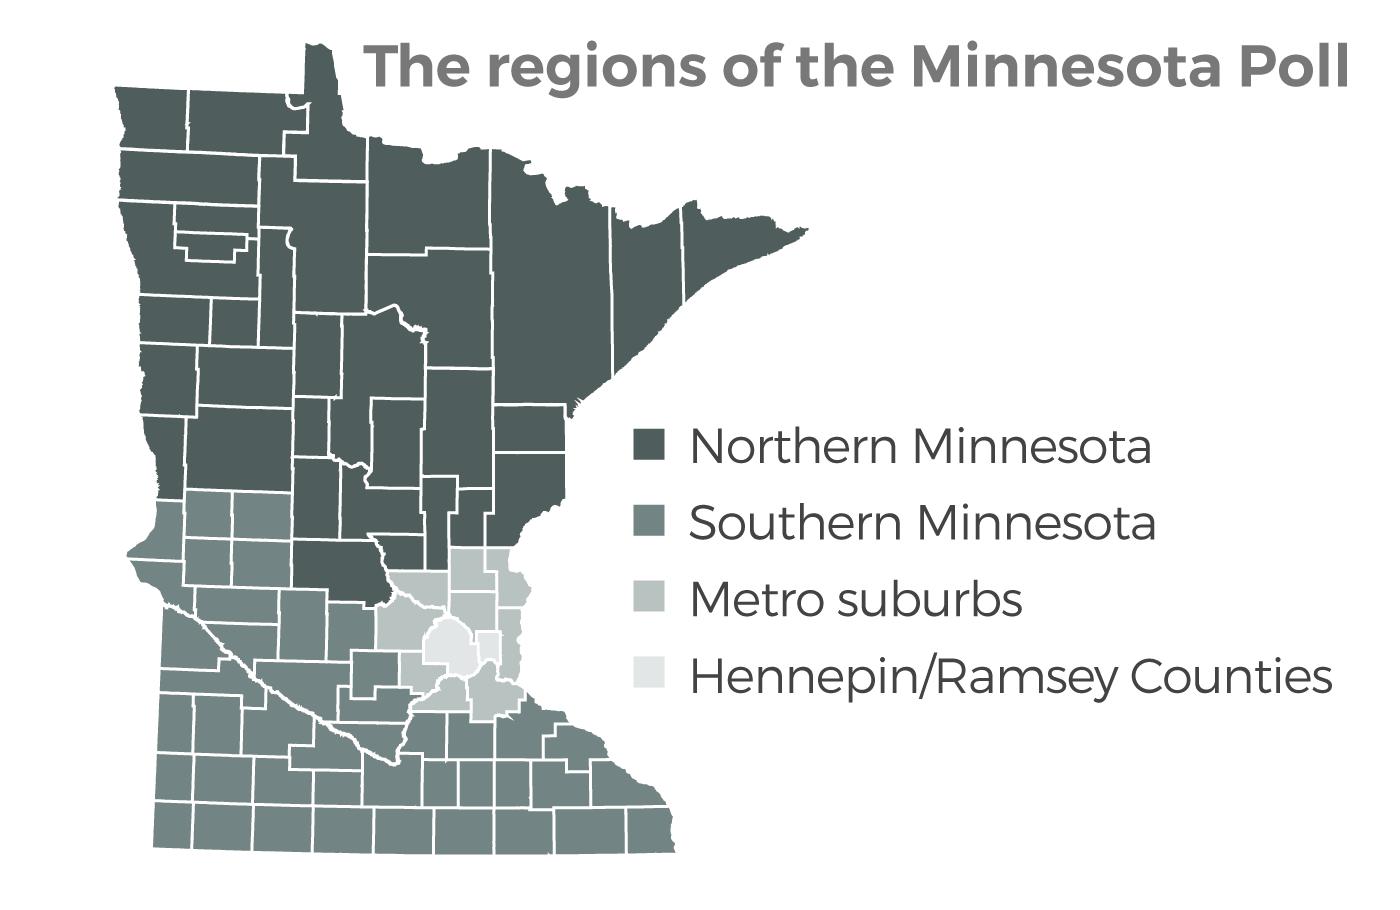 Regions Map, Minnesota Poll 10/18